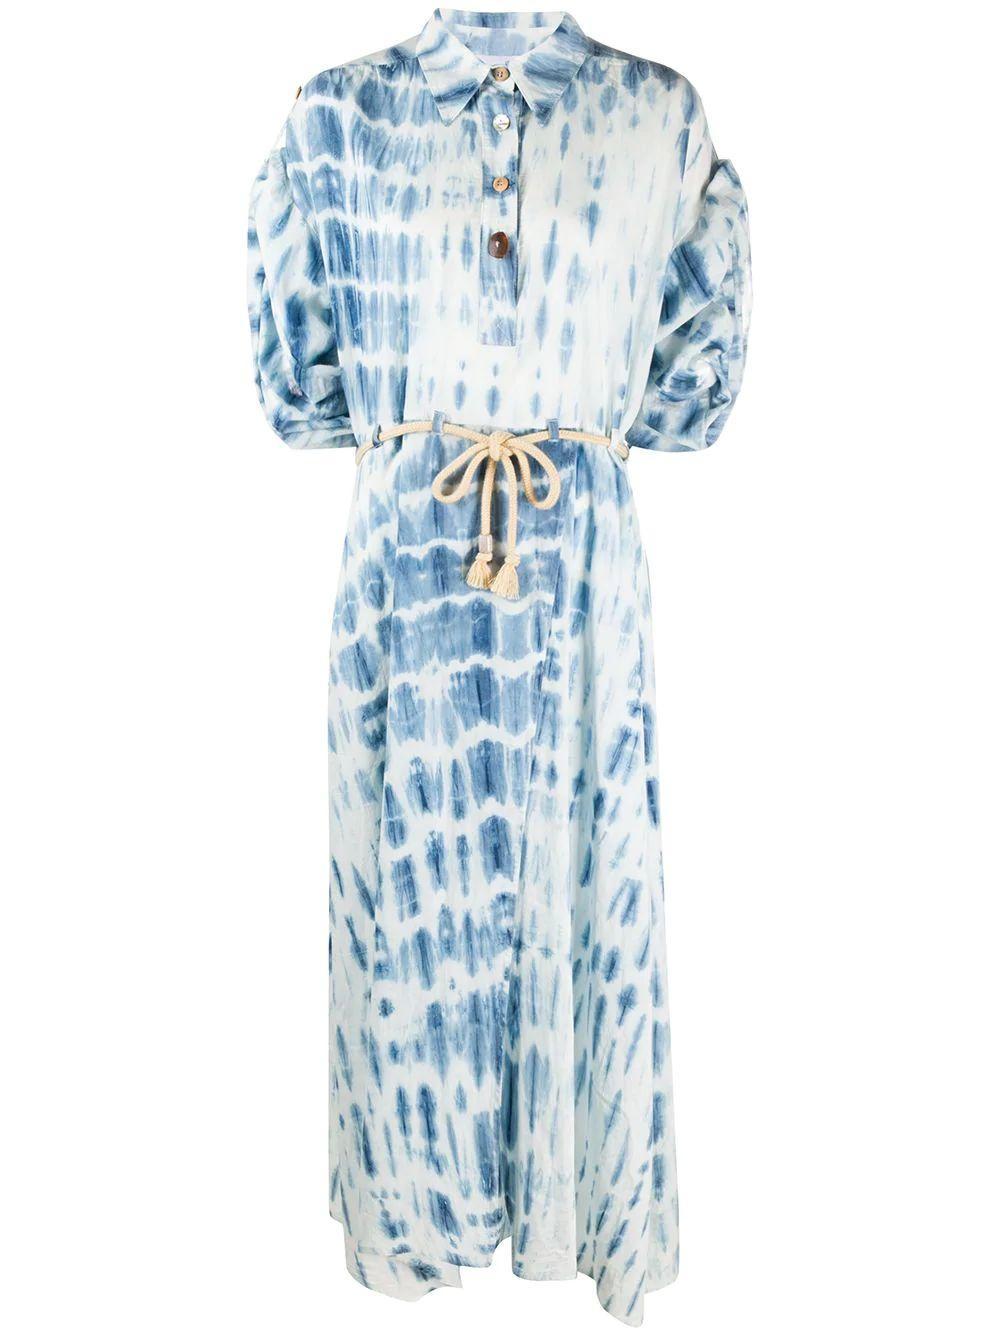 Hanna Bock Print Maxi Shirt Dress Item # WDR00278